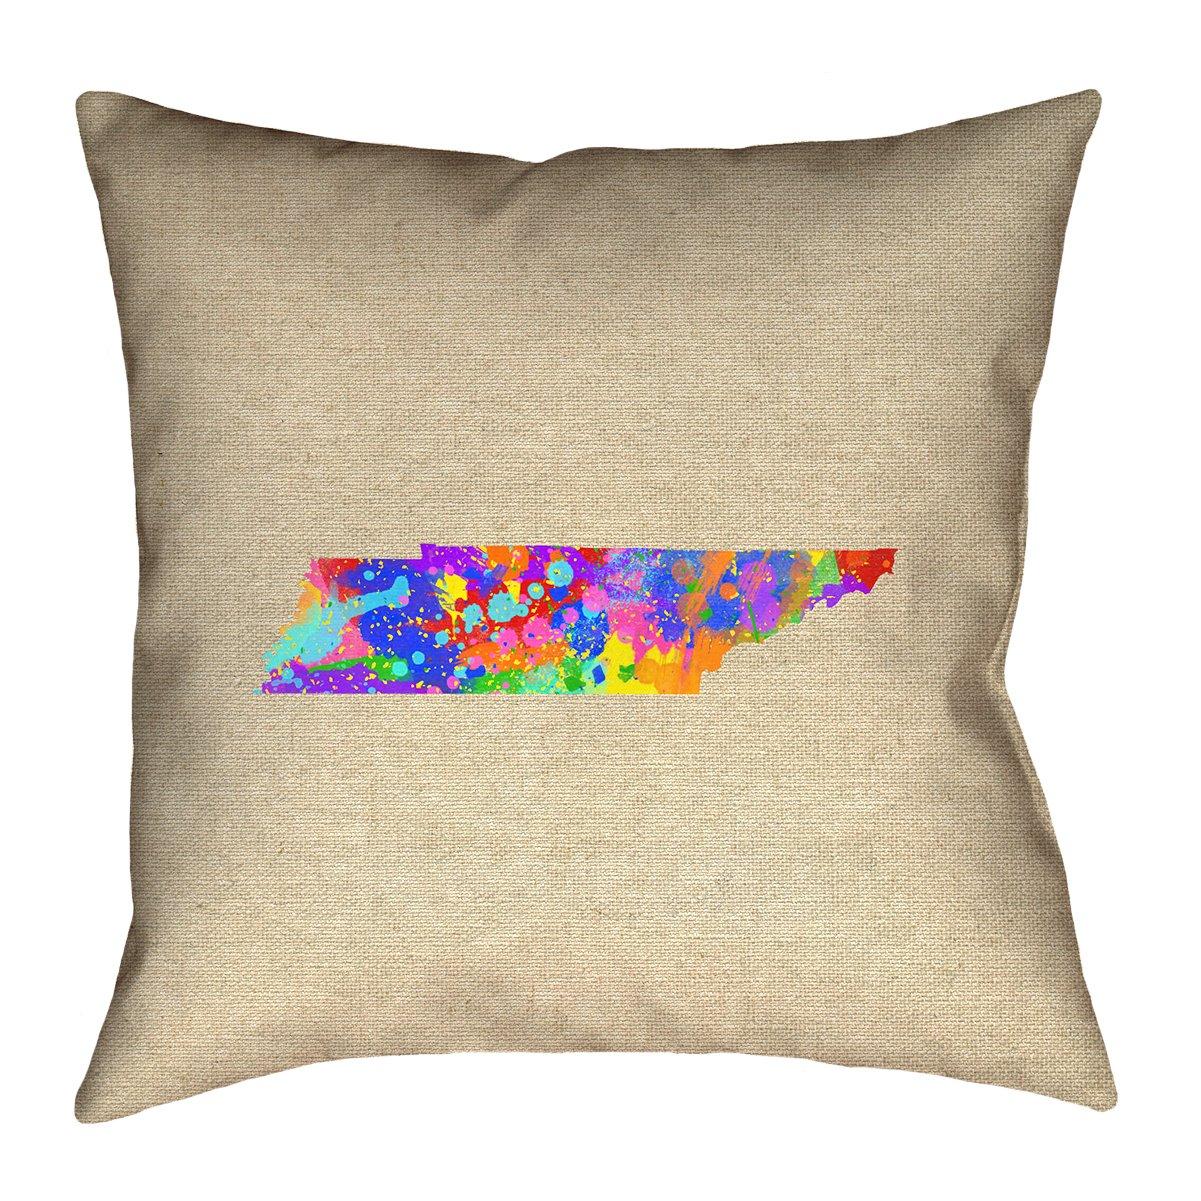 ArtVerse Katelyn Smith 14 x 14 Spun Polyester Tennessee Watercolor Pillow